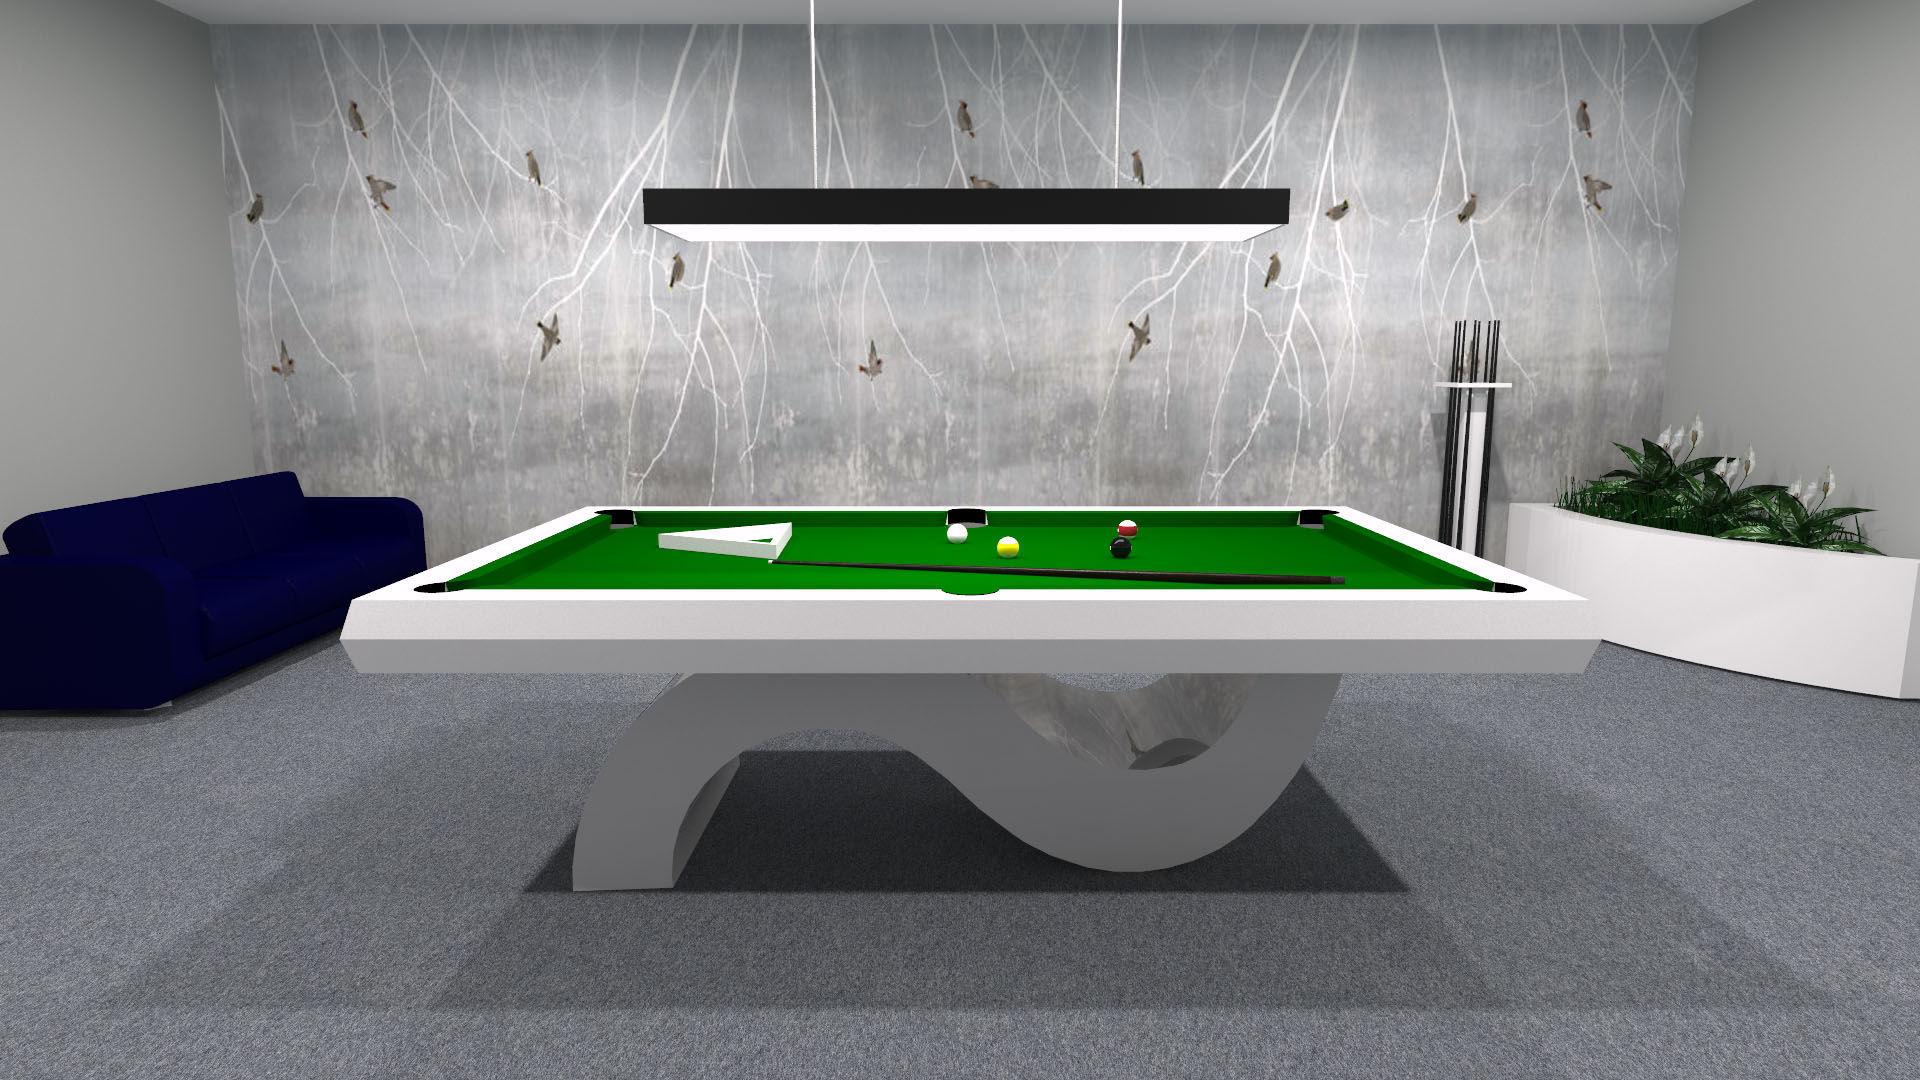 Tavolo Da Biliardo Moderno.Tavolo Da Biliardo Moderno Trasformabile In Tavolo Da Pranzo